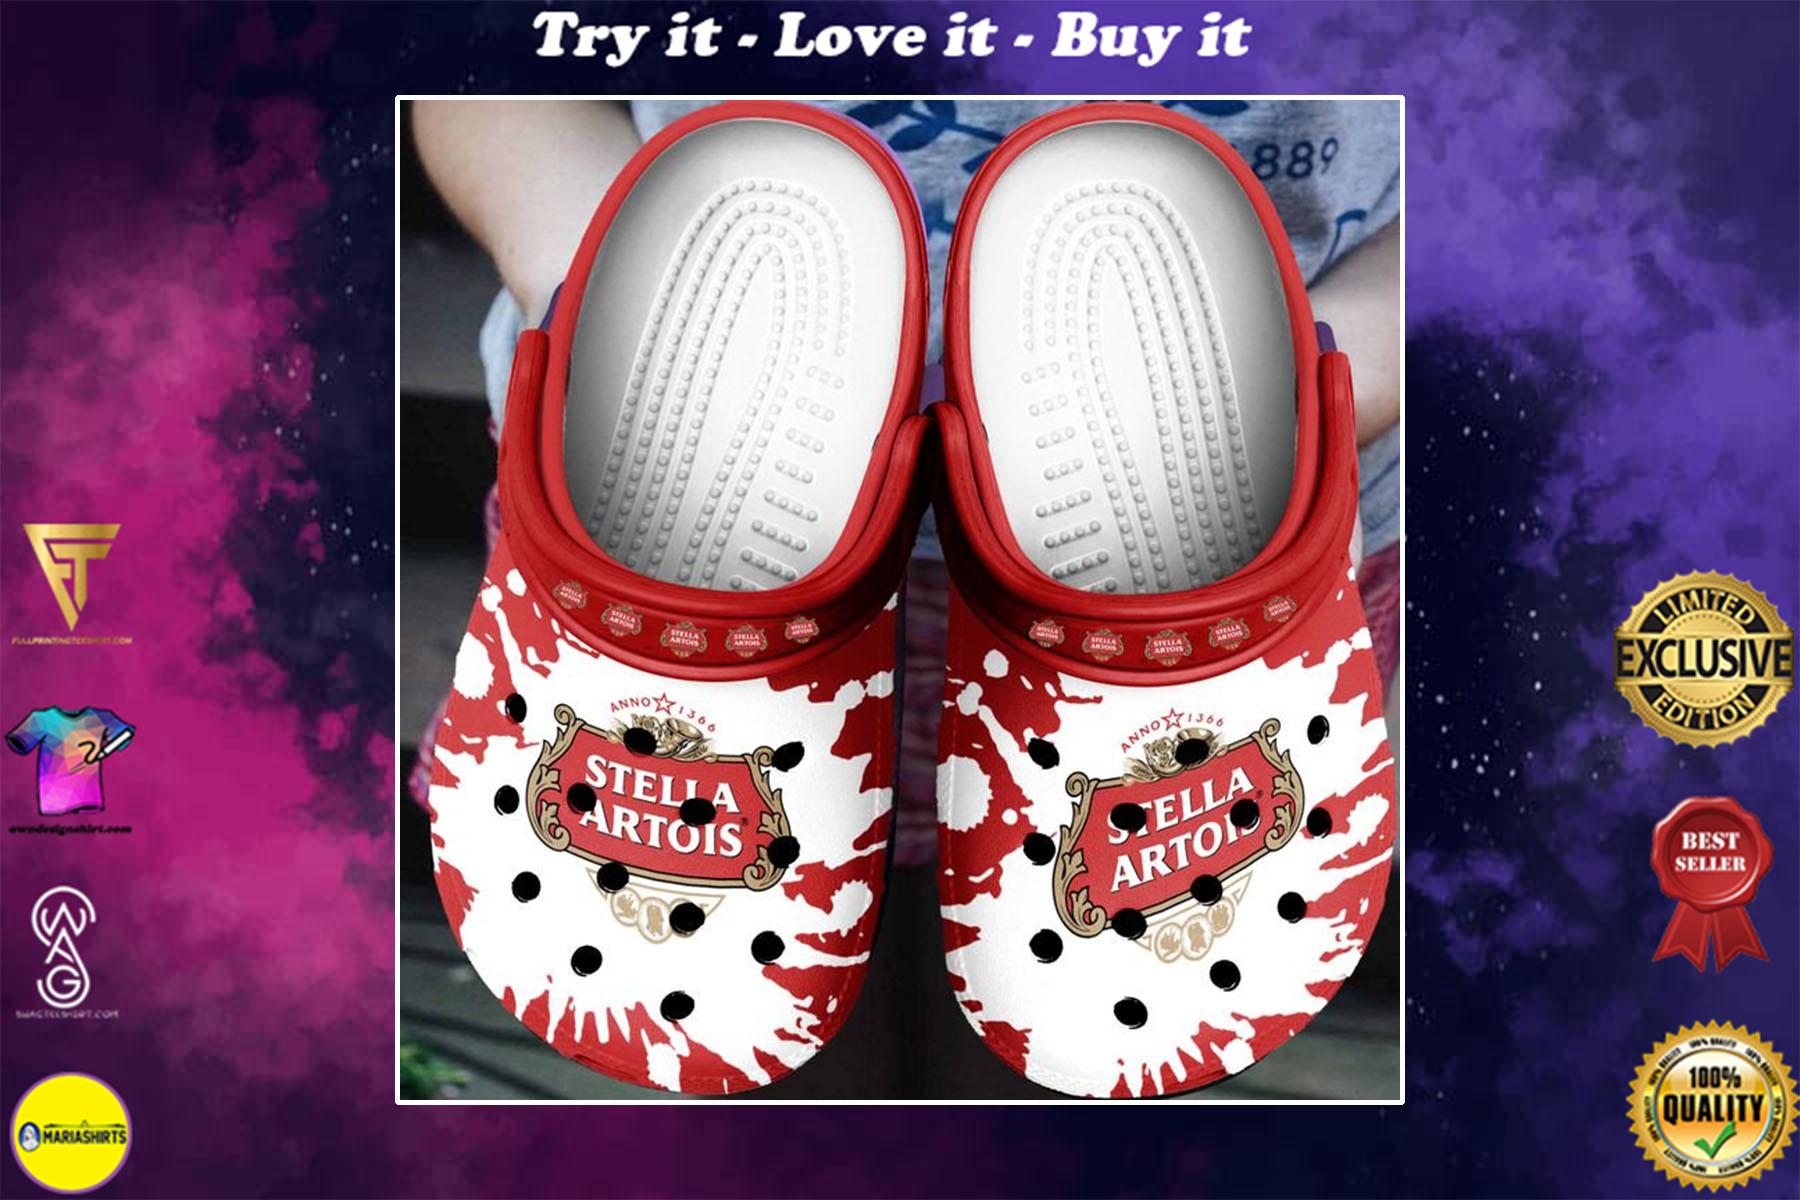 [special edition] stella artois beer crocs shoes - maria